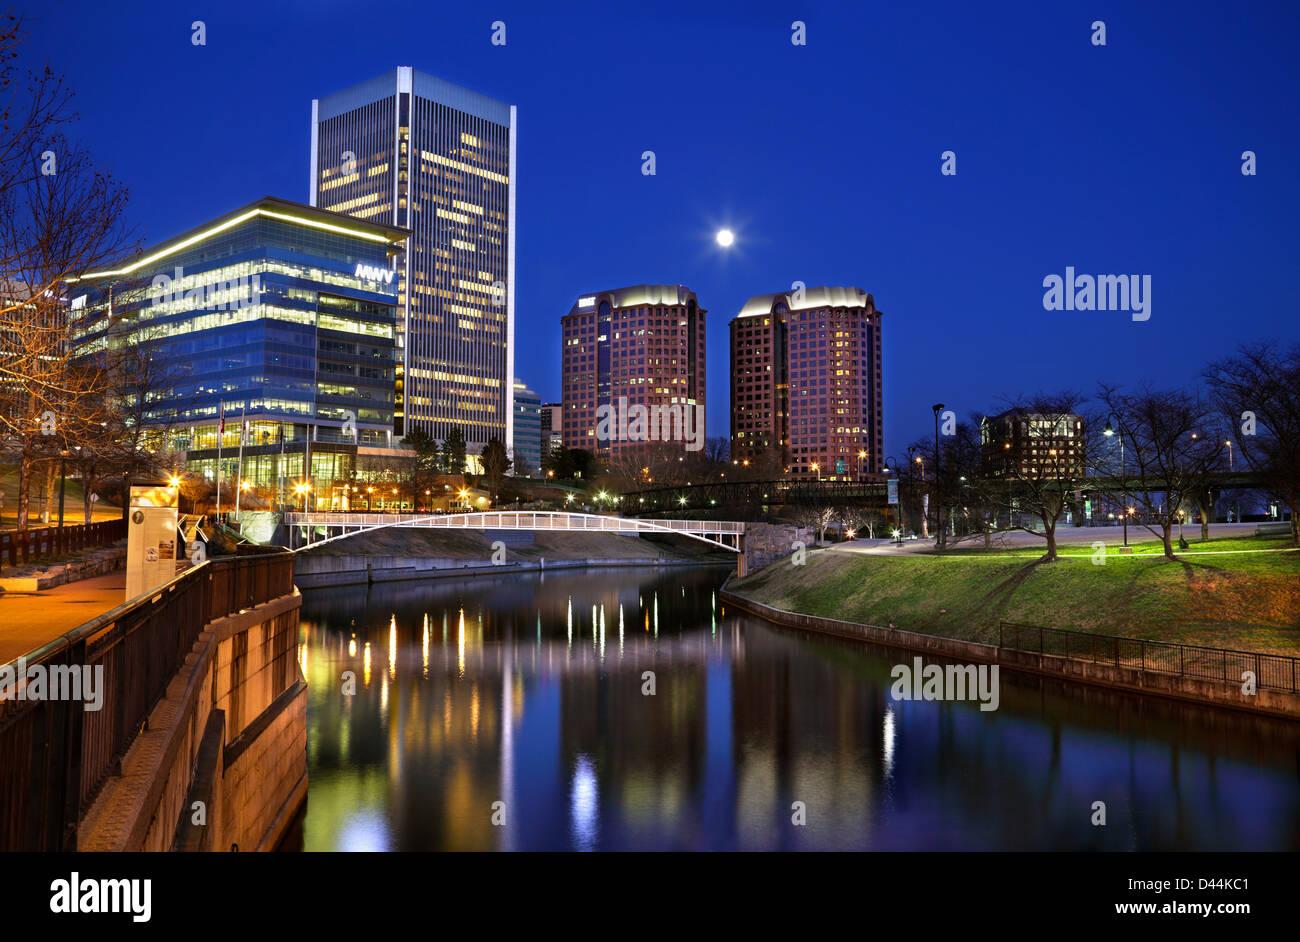 richmond-virginia-skyline-at-night-view-